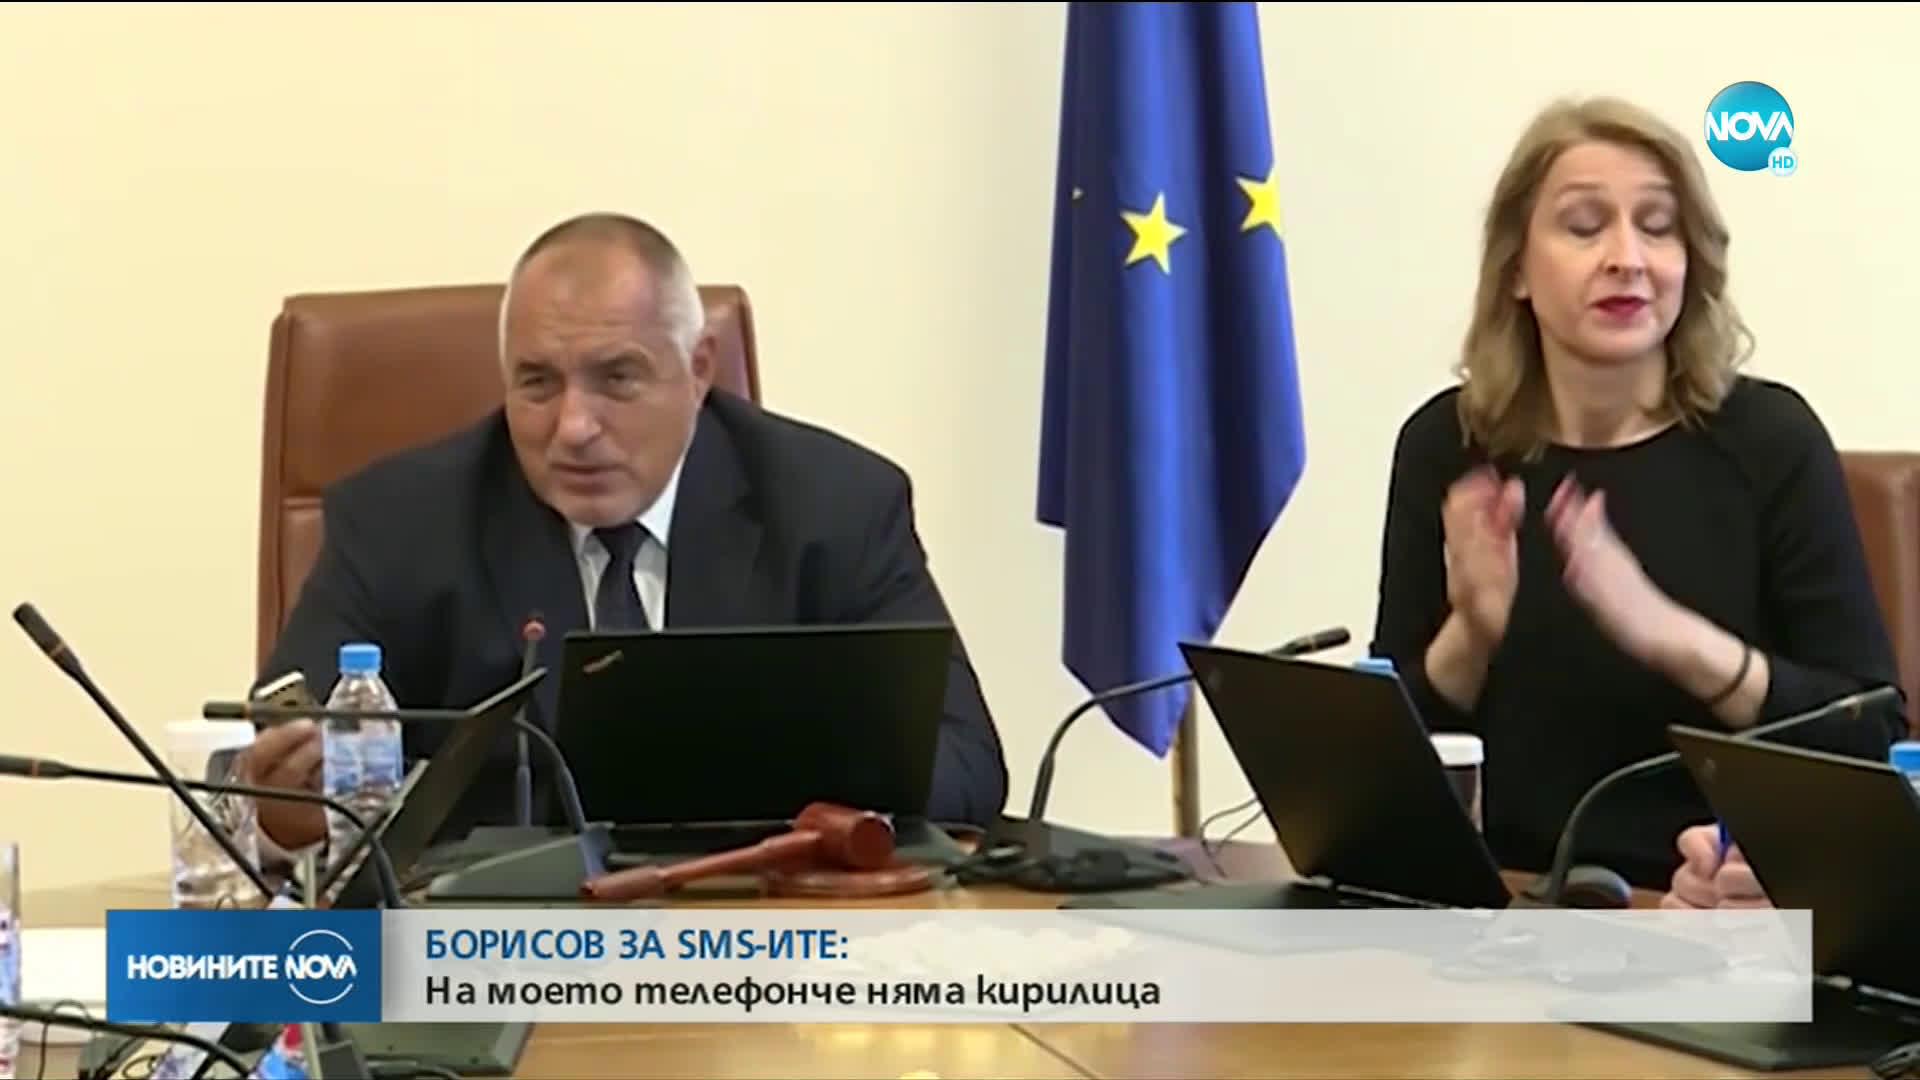 Борисов: Ако някой каже, че е получил sms от мен на кирилица, не е от мен